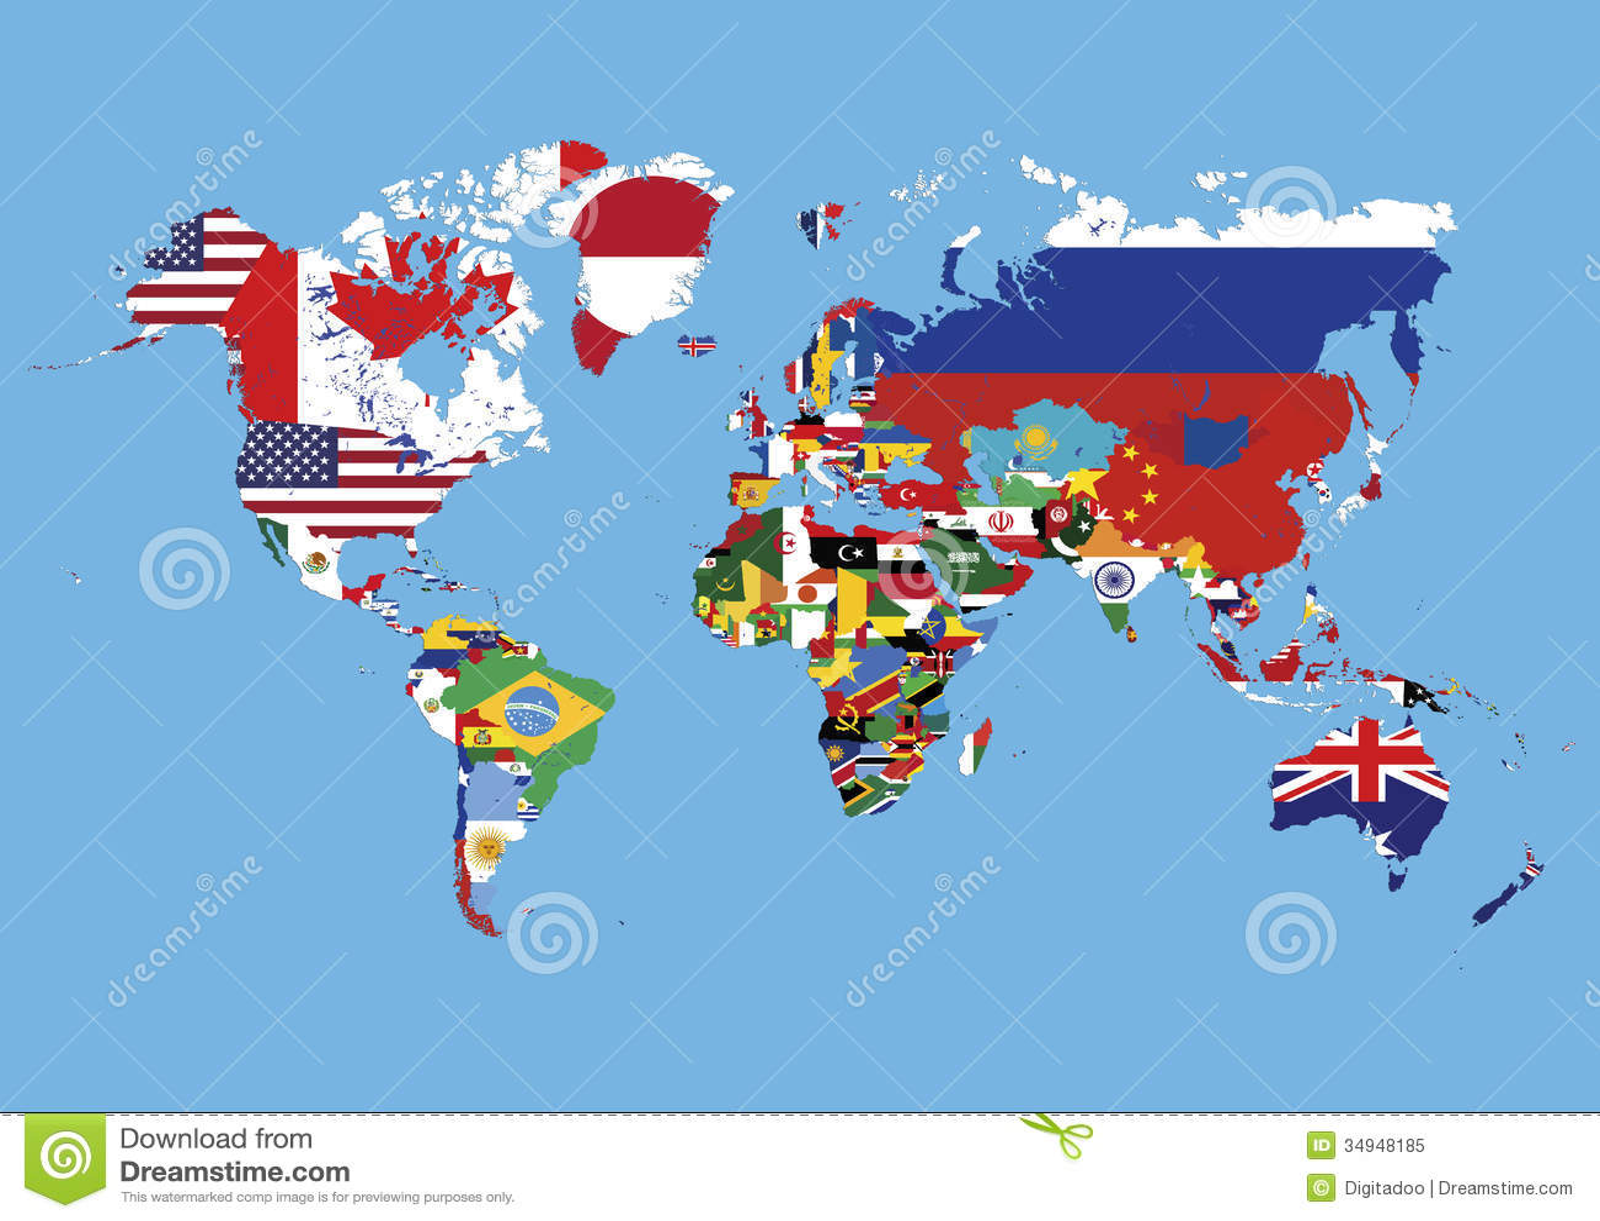 El mapa del mundo coloreado en pa ses no se ala ning n for Mapa del mundo decoracion